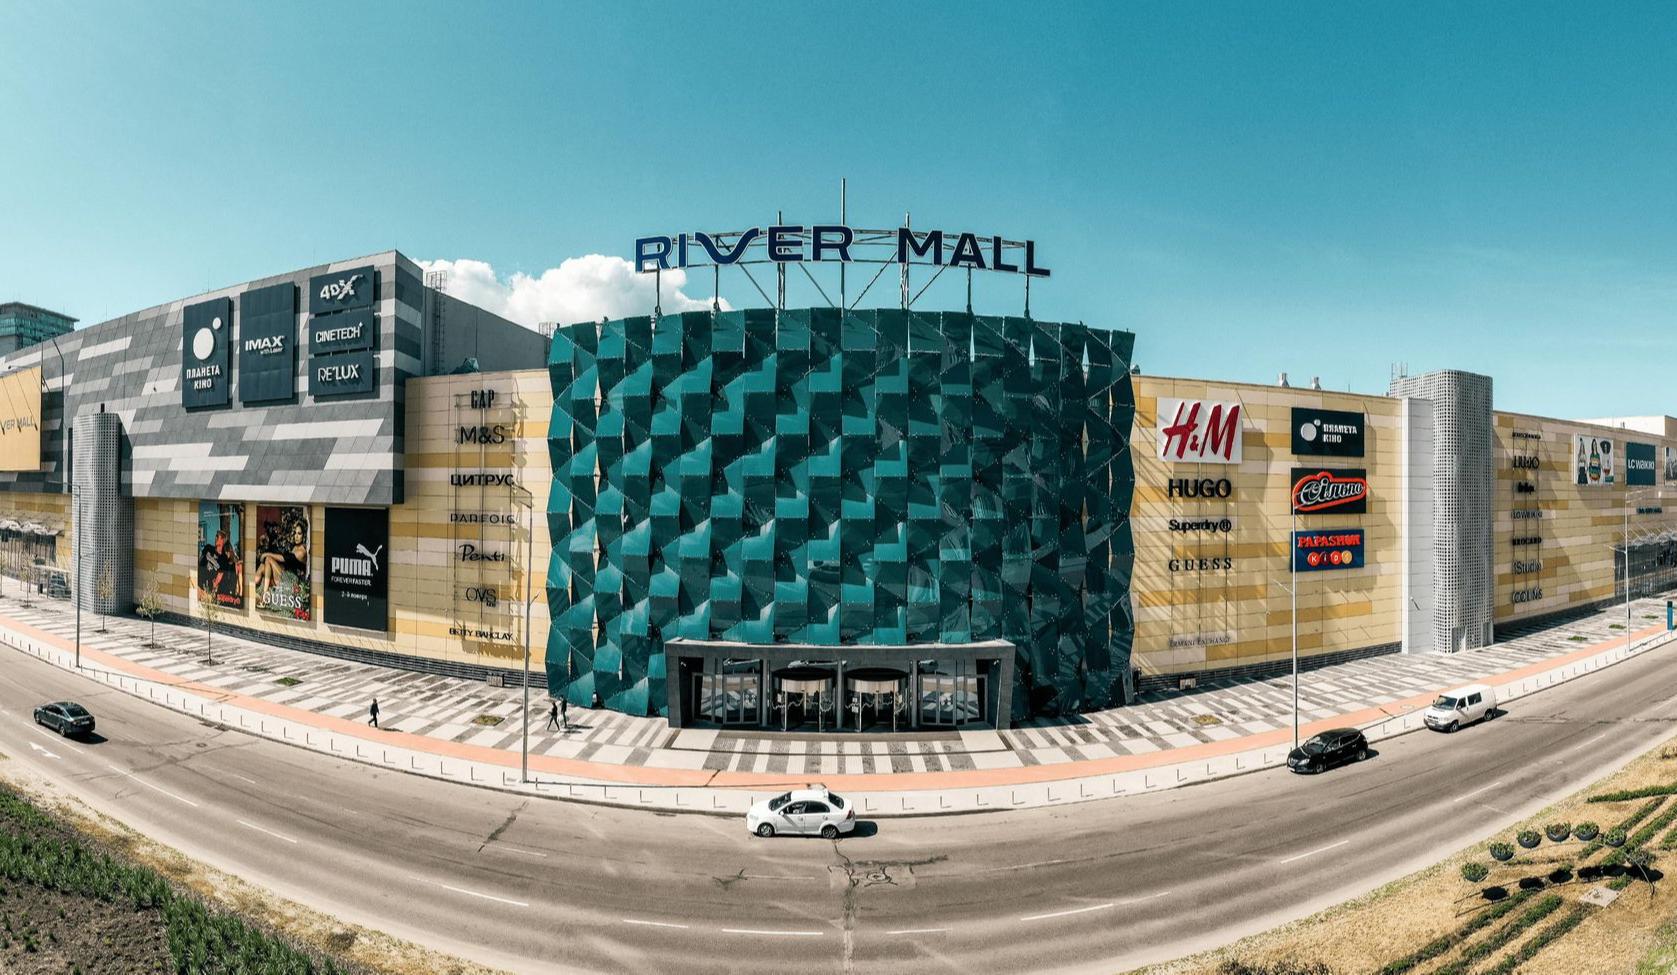 В ТРЦ River Mall открыли центр вакцинации от COVID-19: чем там прививают